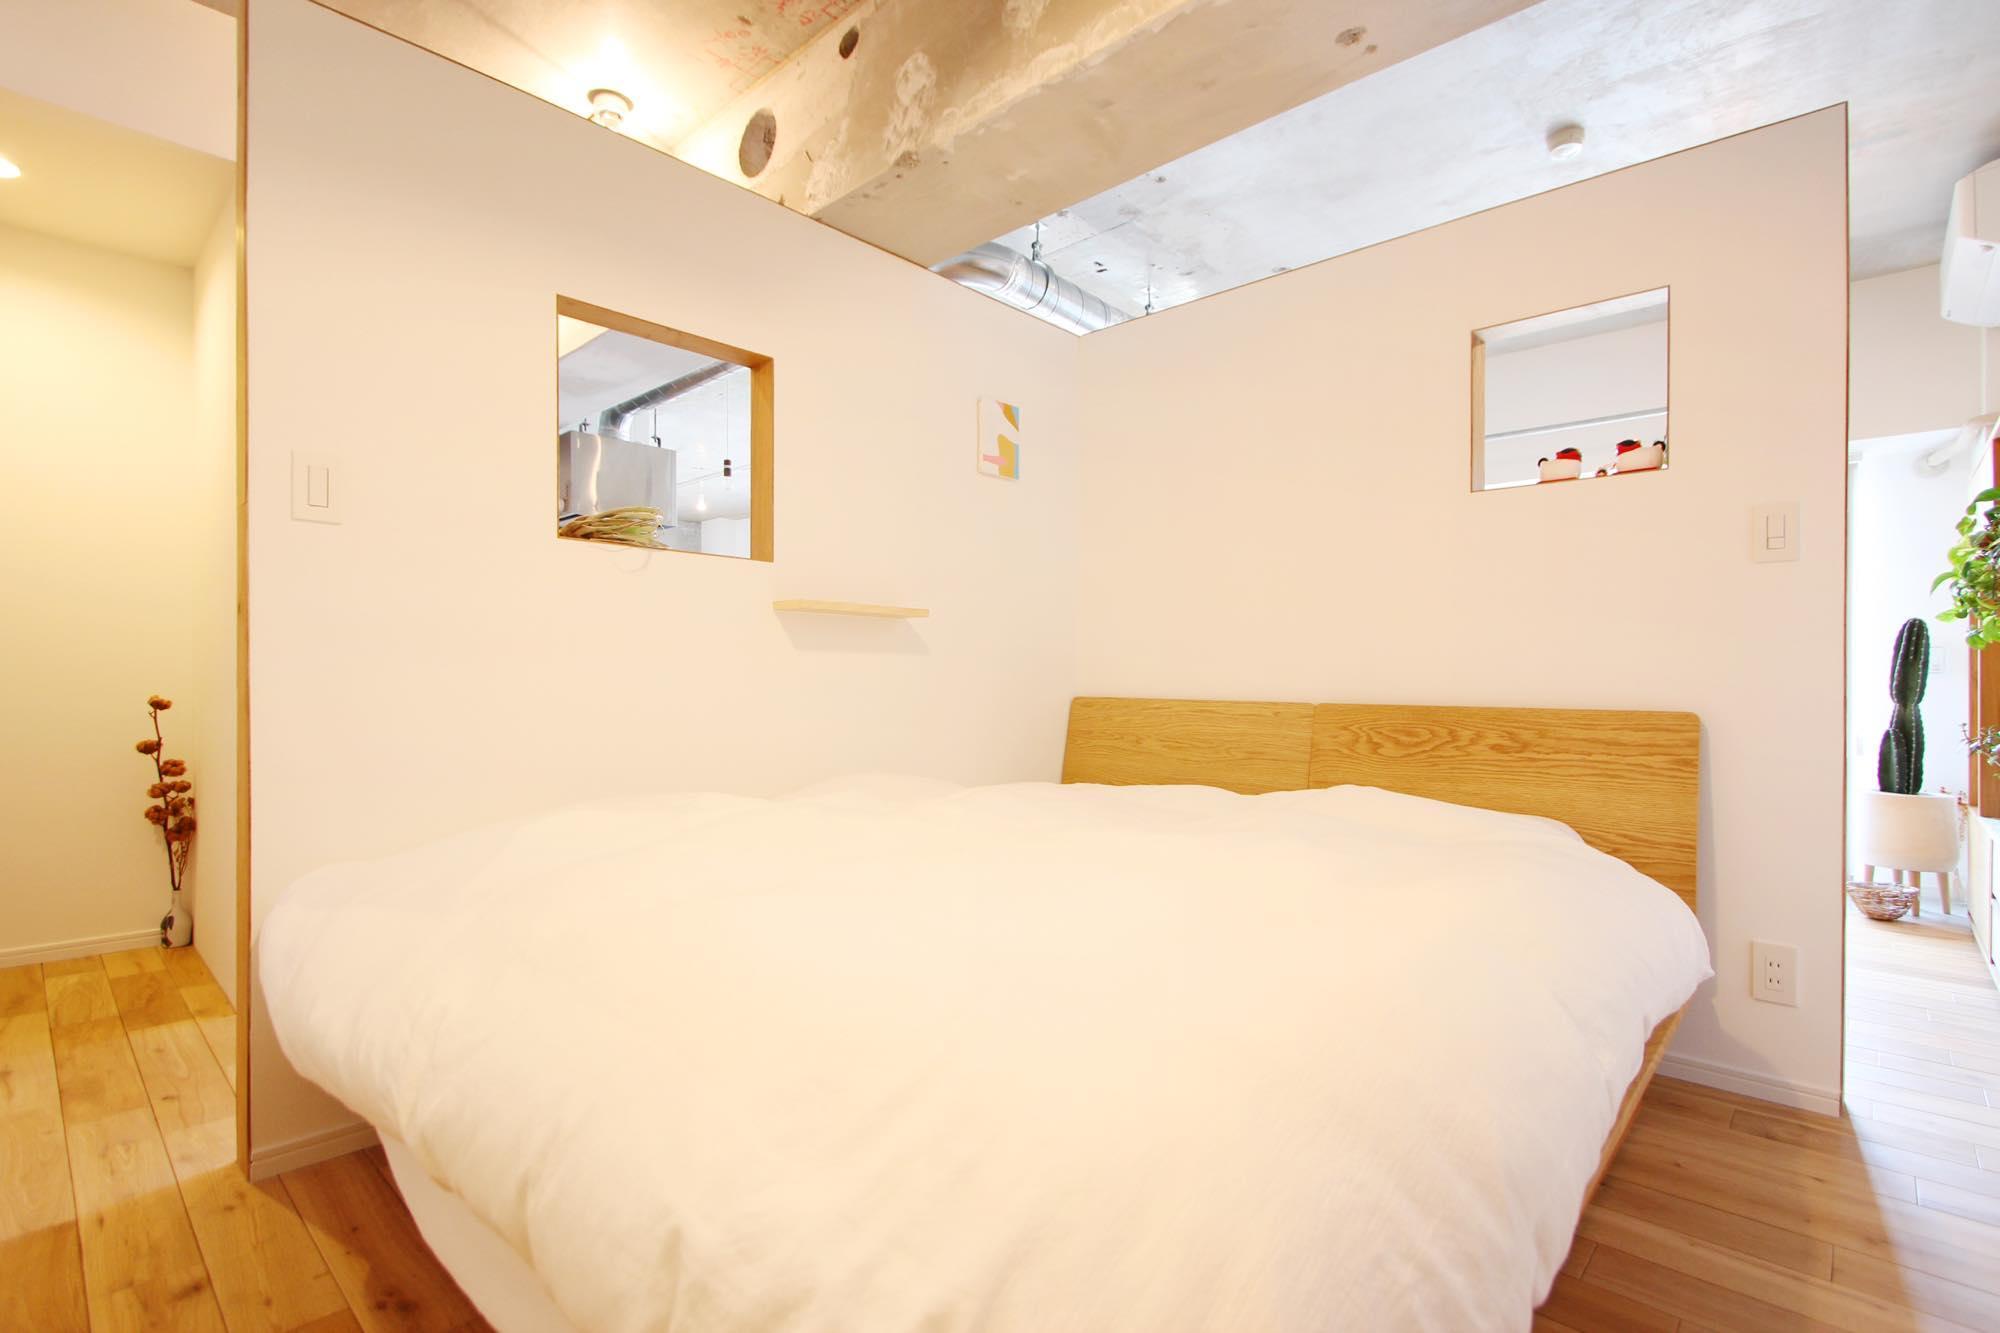 寝室はあえて個室化せず、L字型の壁を設けることで空間のつながりを大切に考えた。